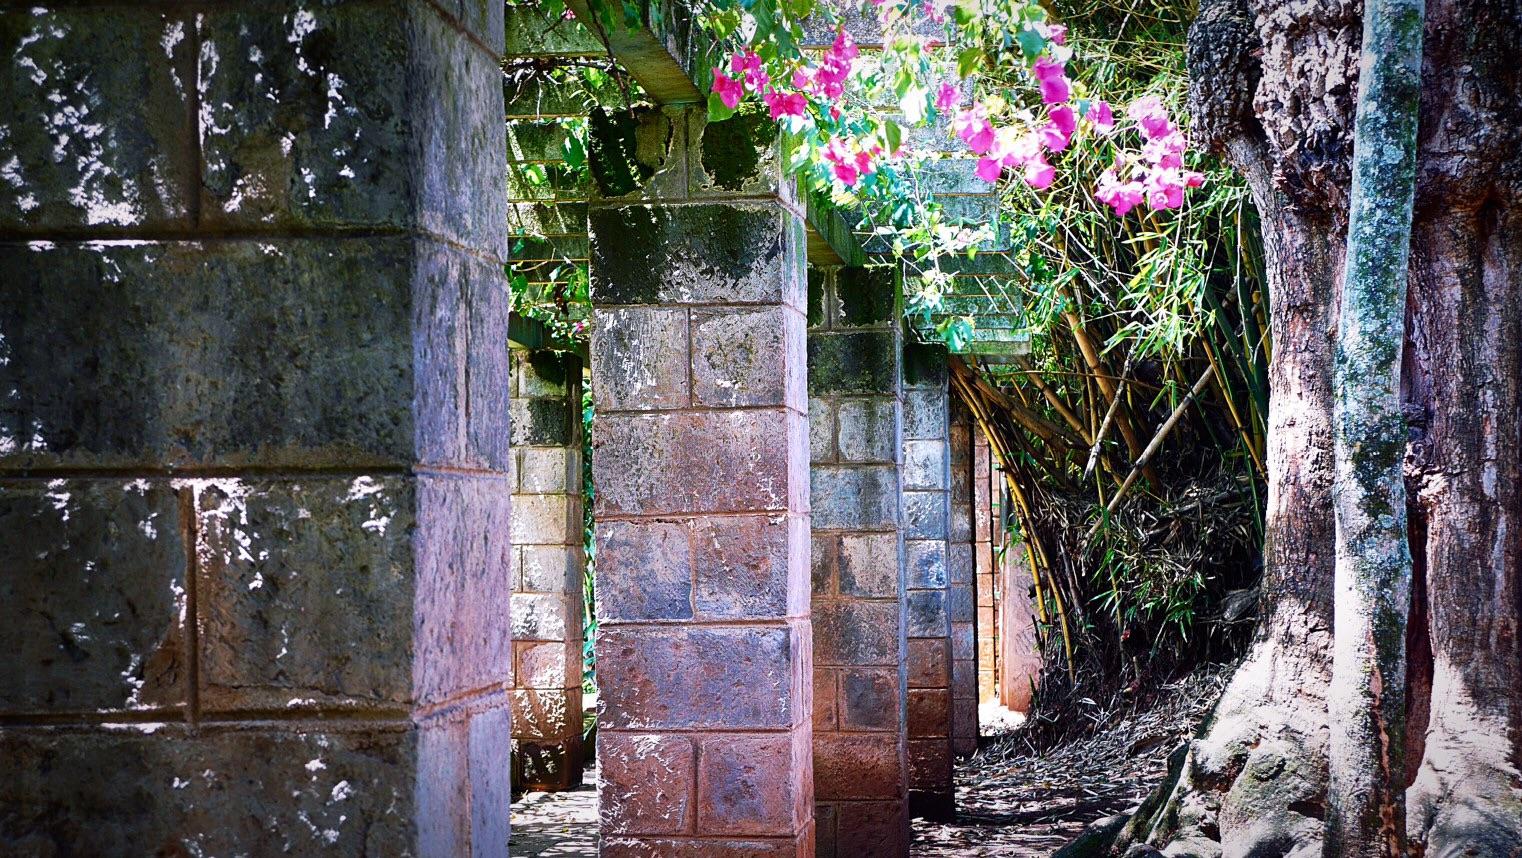 Karen Blixen House Museum Garden